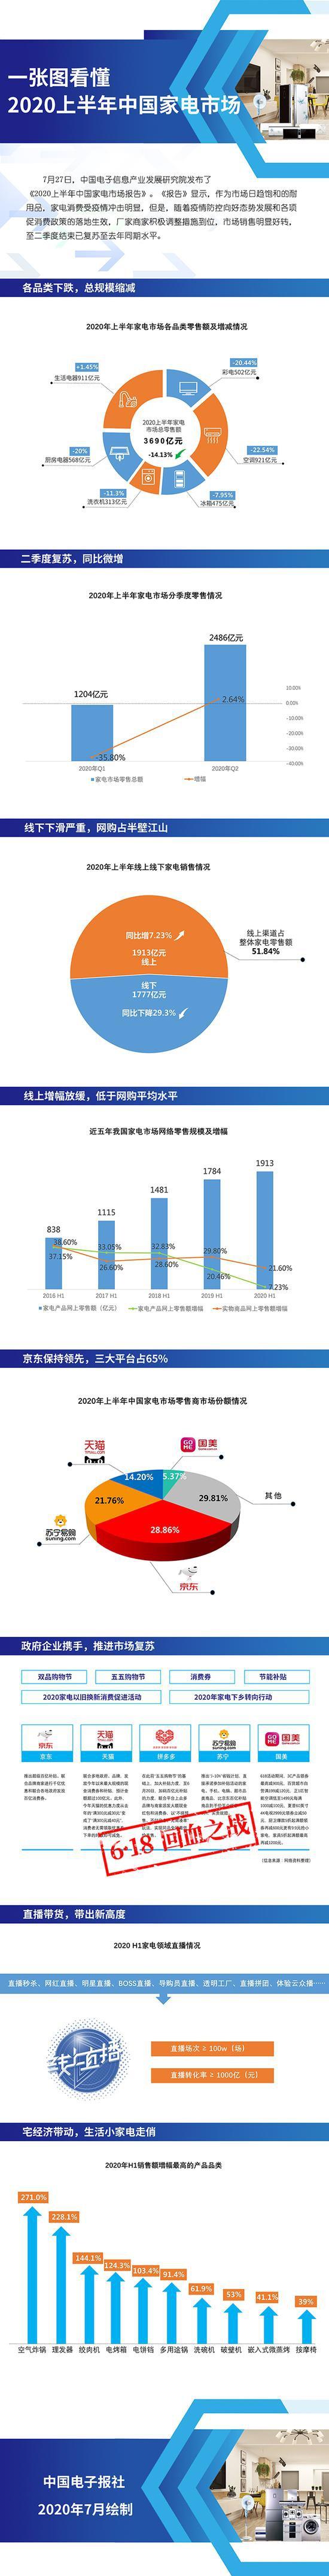 一图看懂2020上半年中国家电市场